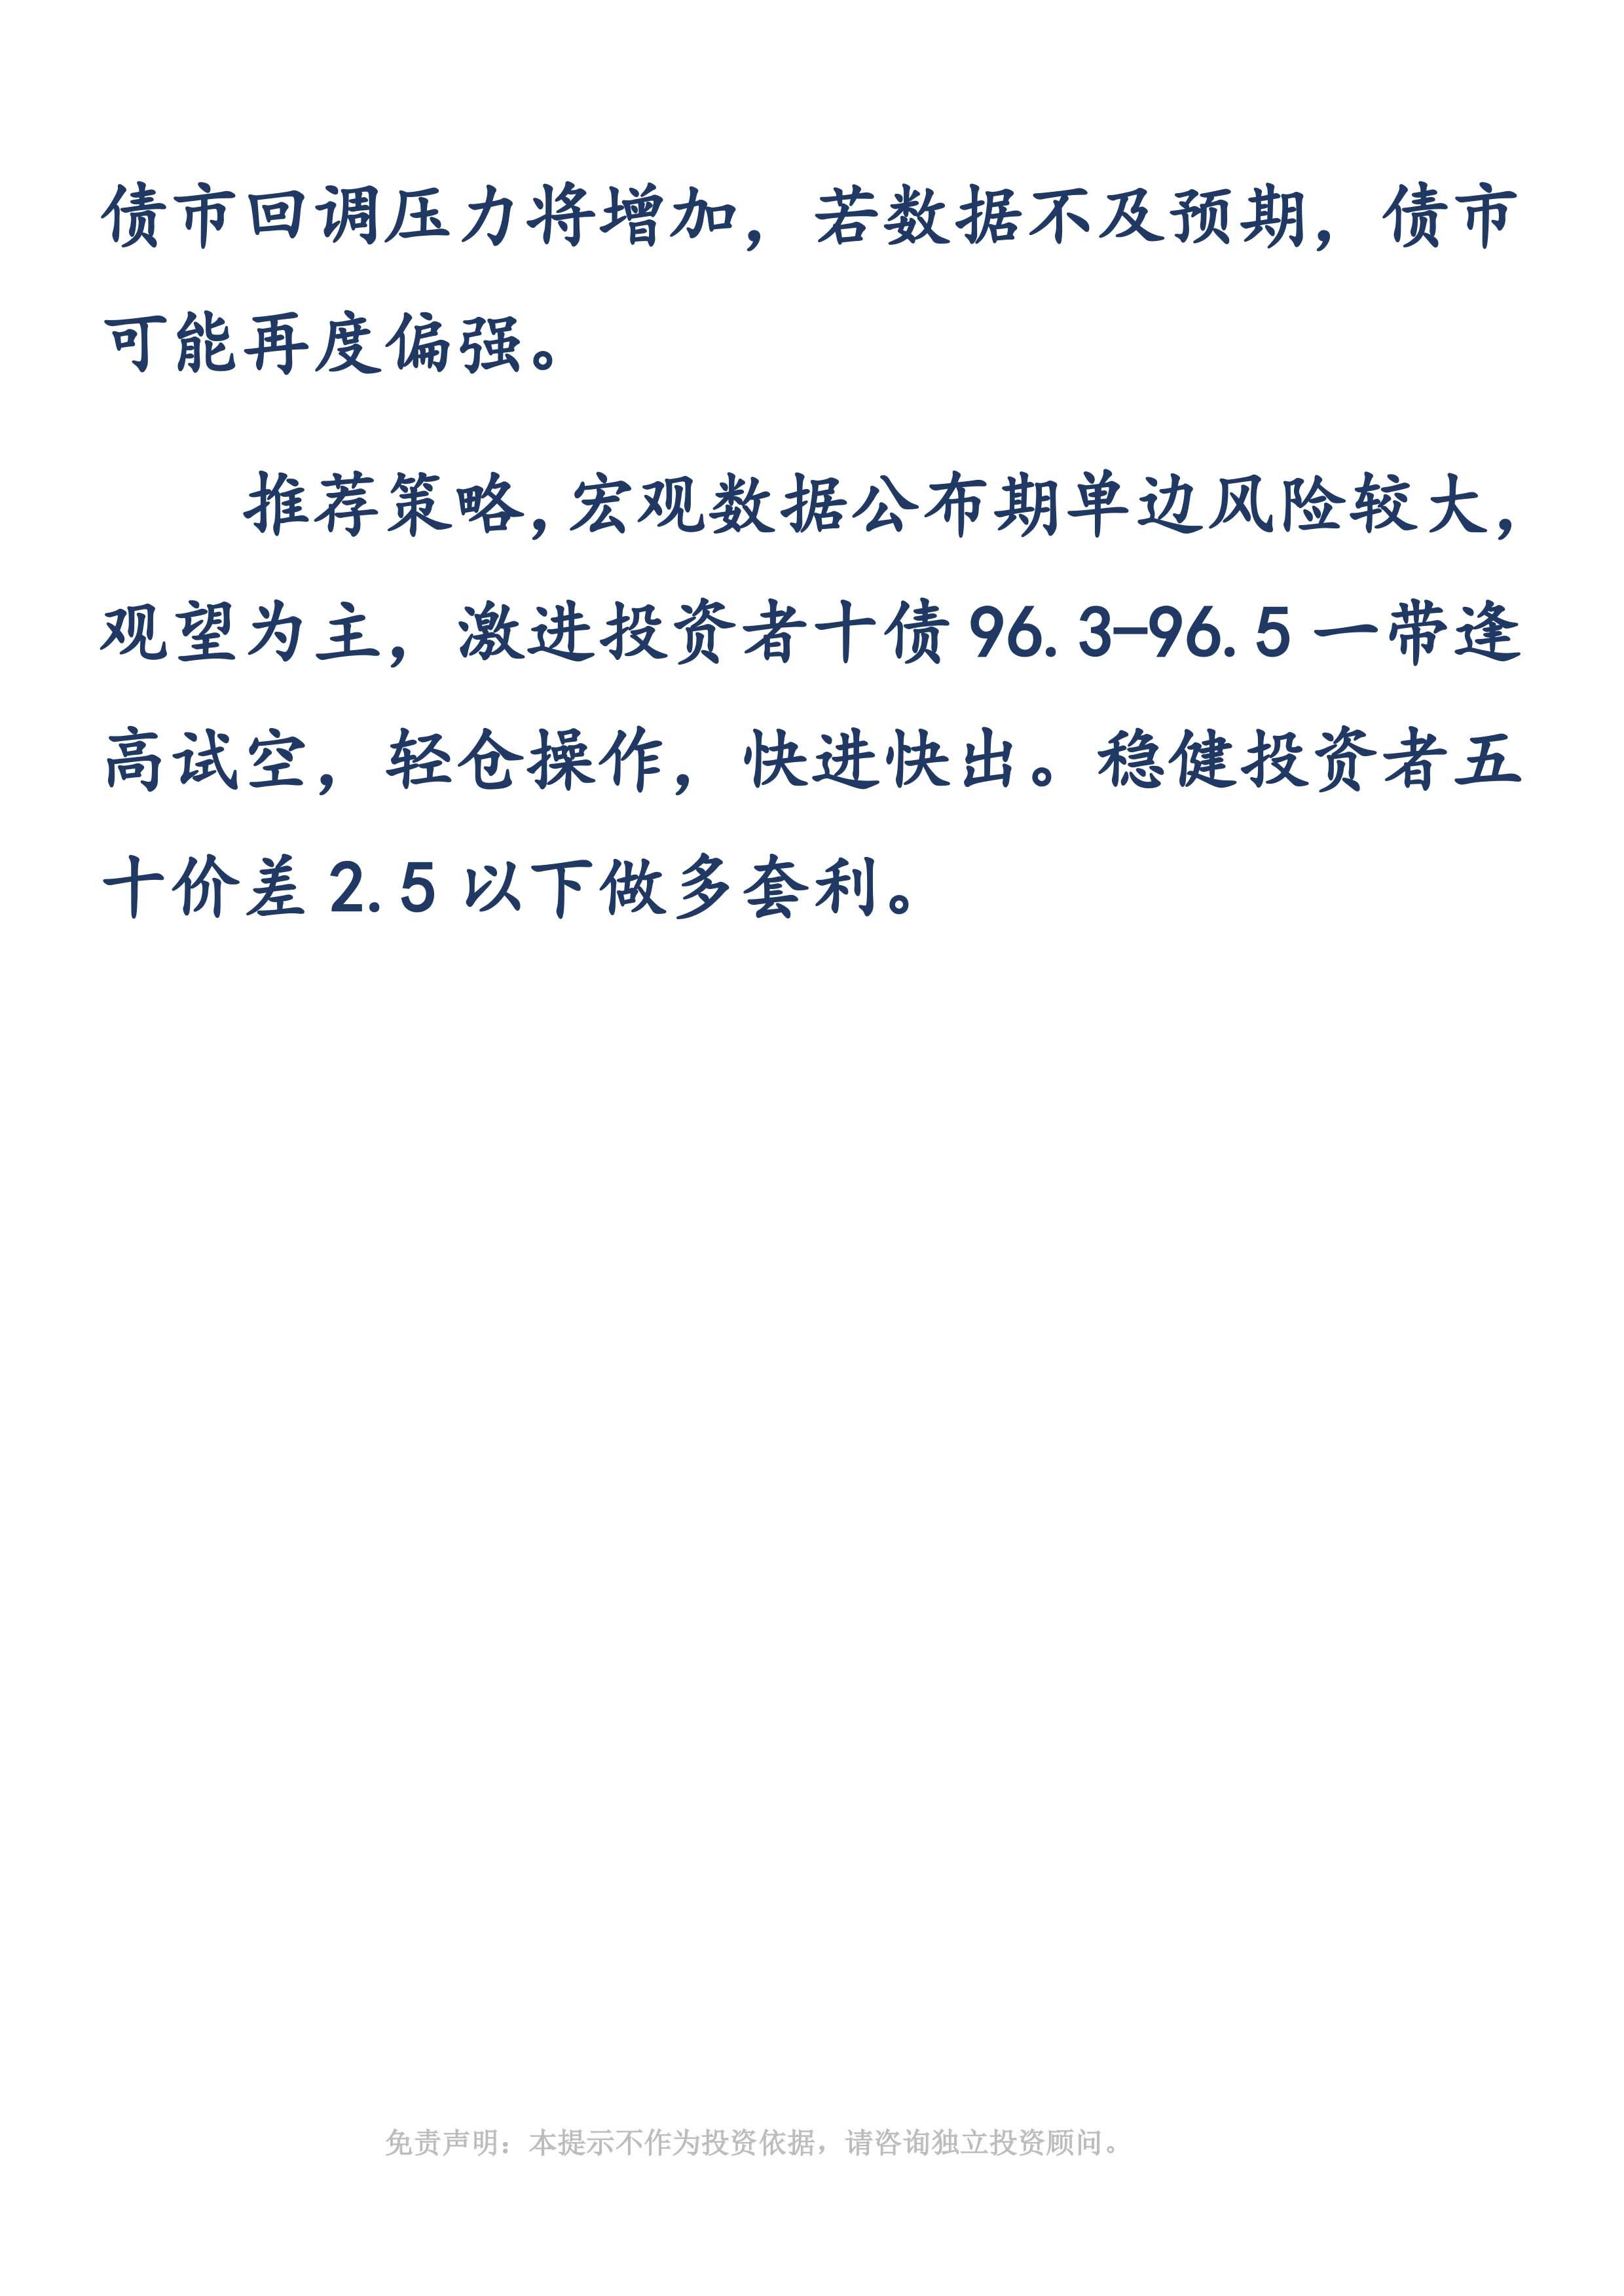 【易胜博金策略】期债磨顶,前期空单继续持有20181113-2.jpg